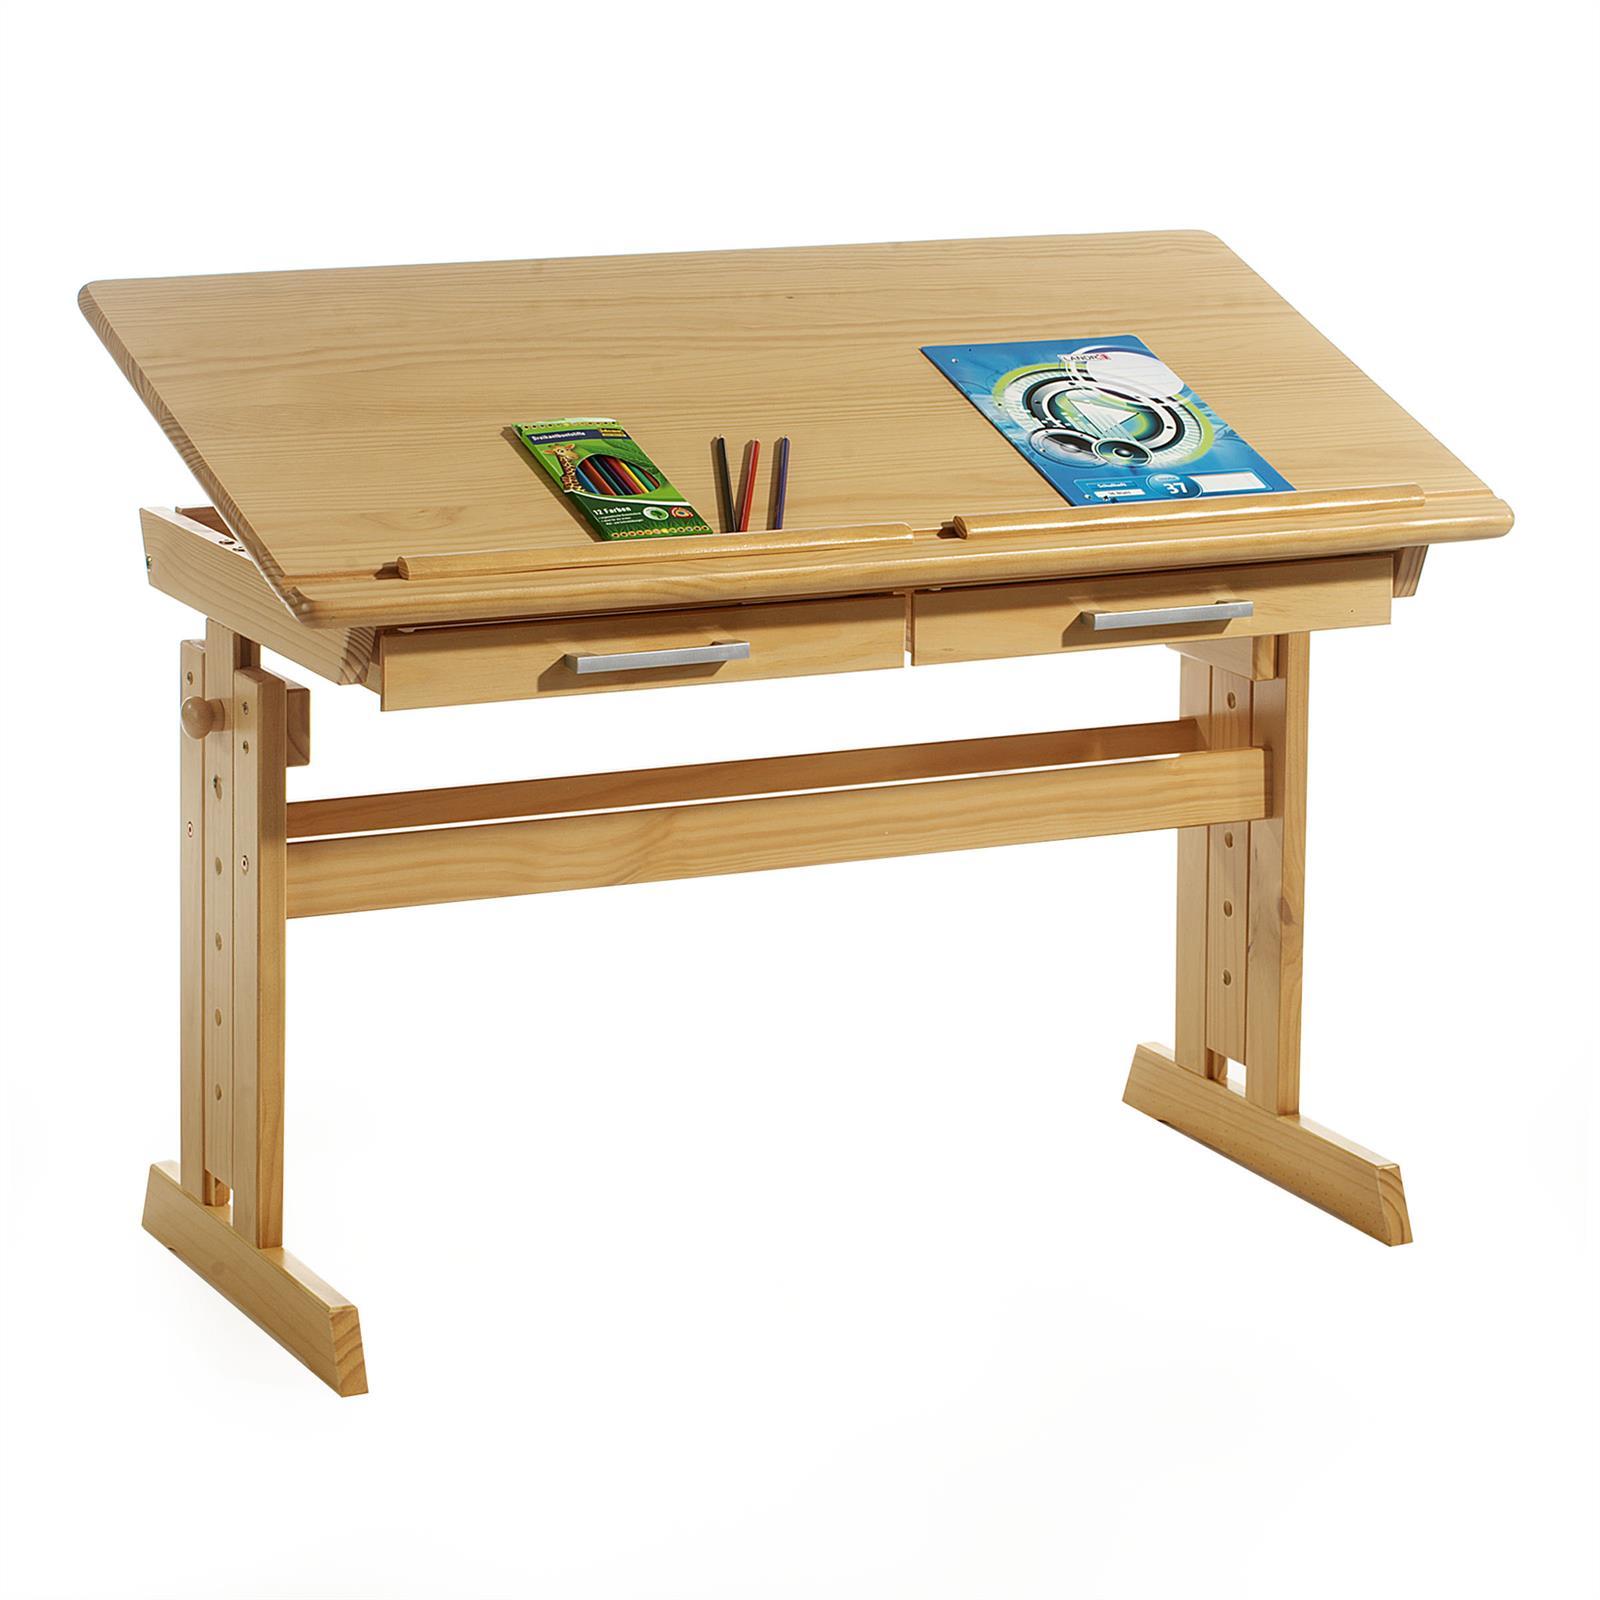 bureau enfant olivia en pin massif r glable en hauteur et plateau inclinable lasur couleur. Black Bedroom Furniture Sets. Home Design Ideas